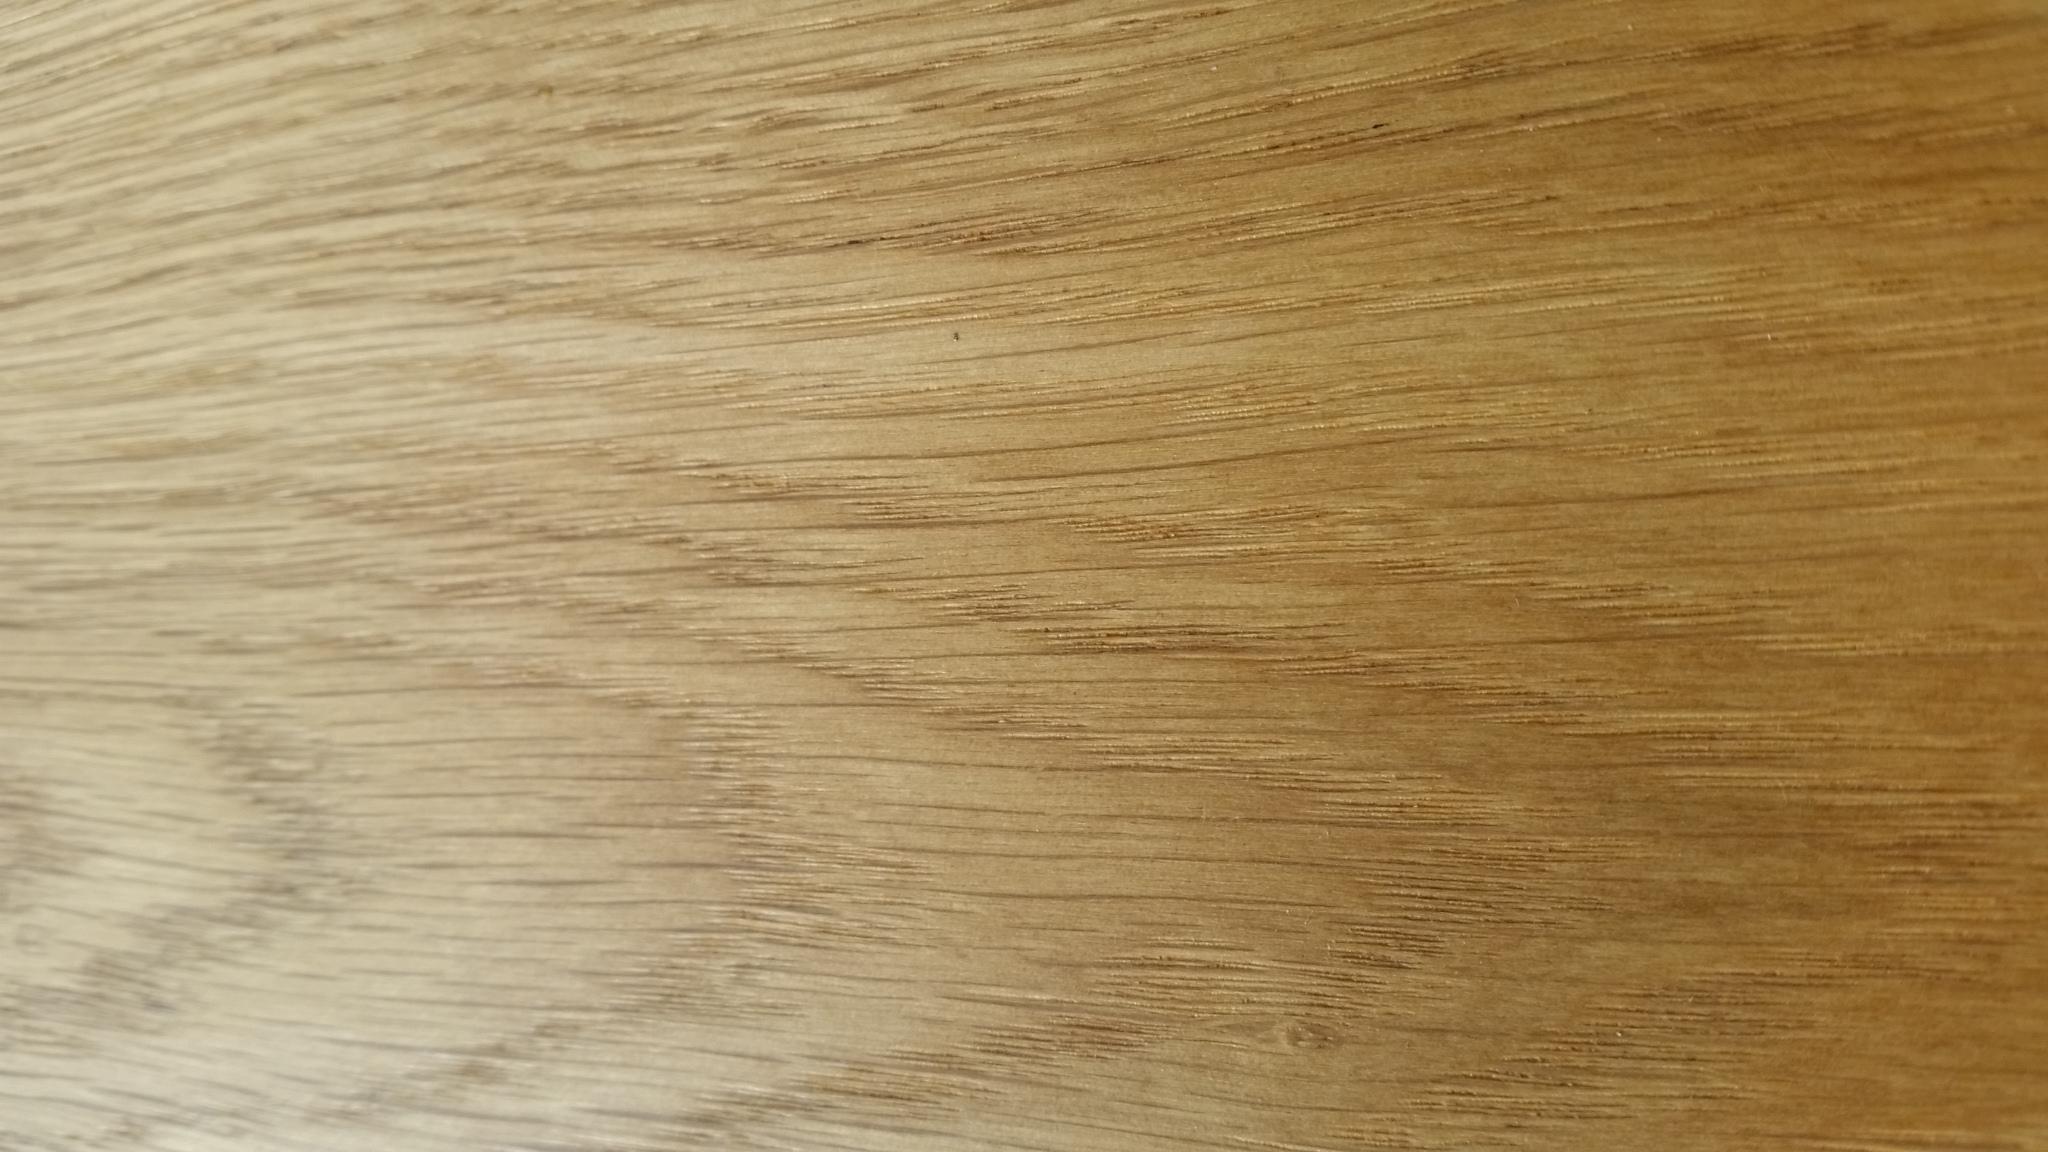 Saicos õlitoonid | 3305 Naturaalne toonsile Colorlesssmooth